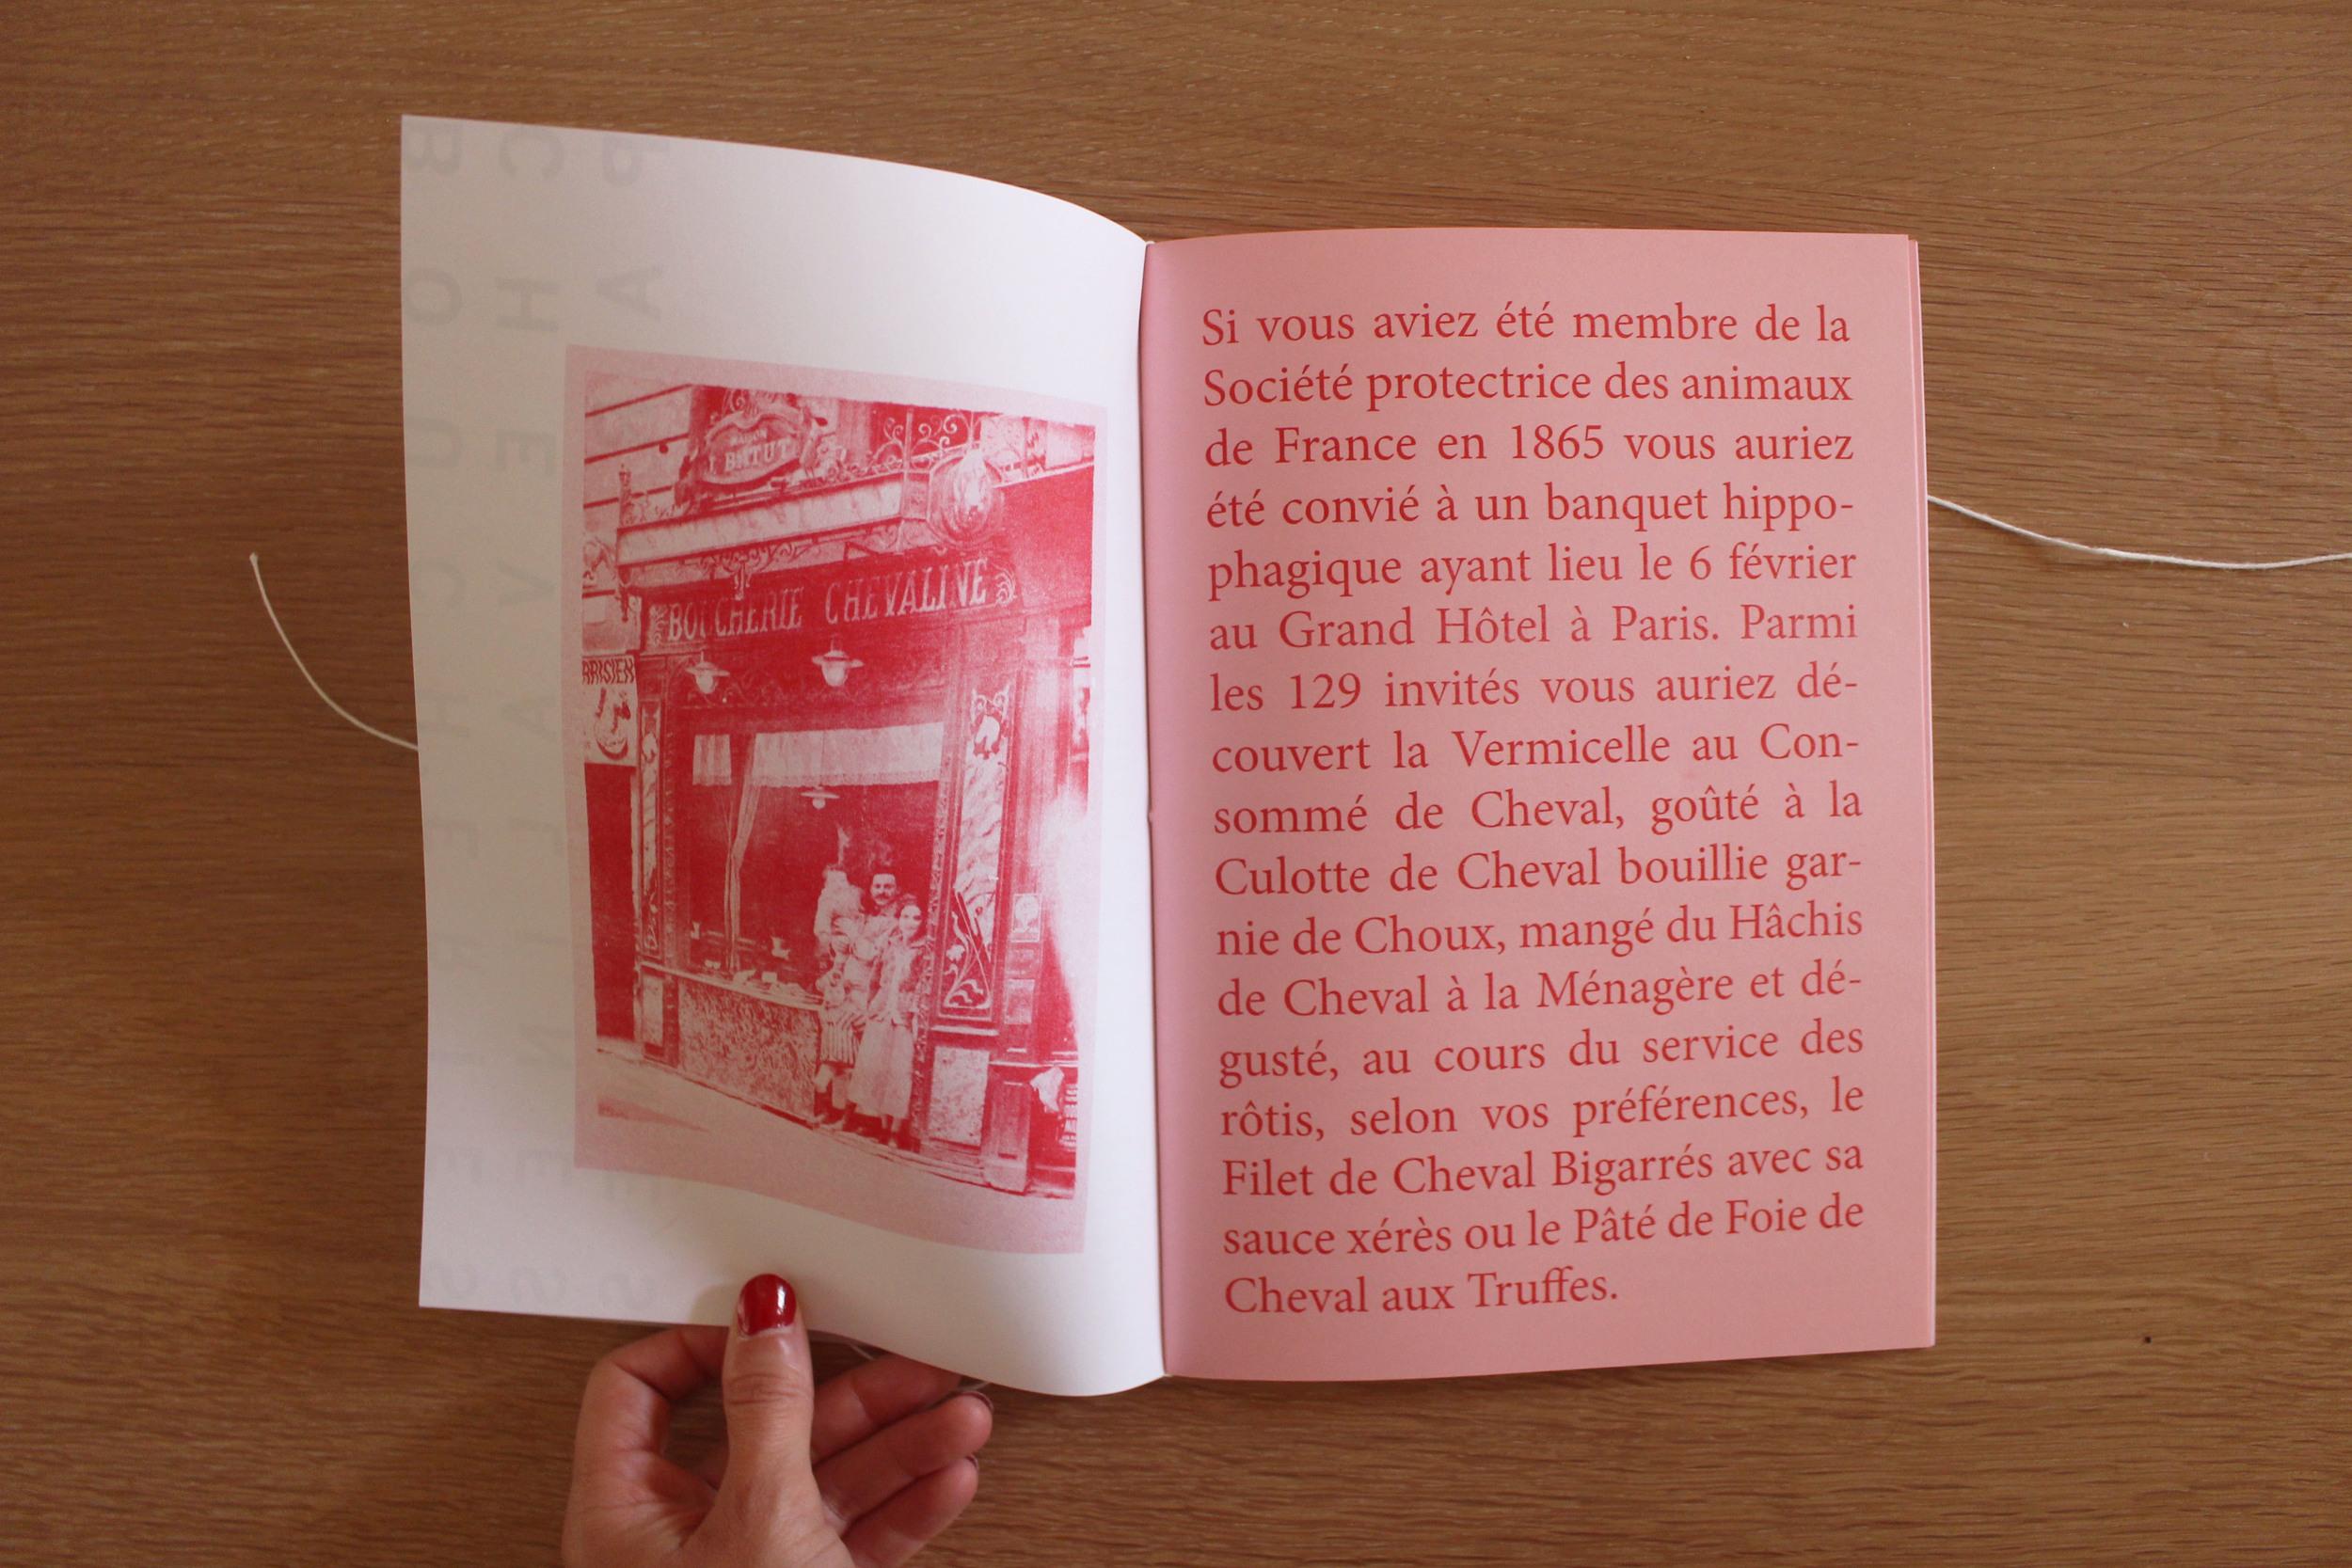 Extract (image of horse butcher storefront from Bibliothèque historique de la ville de Paris, 1925)